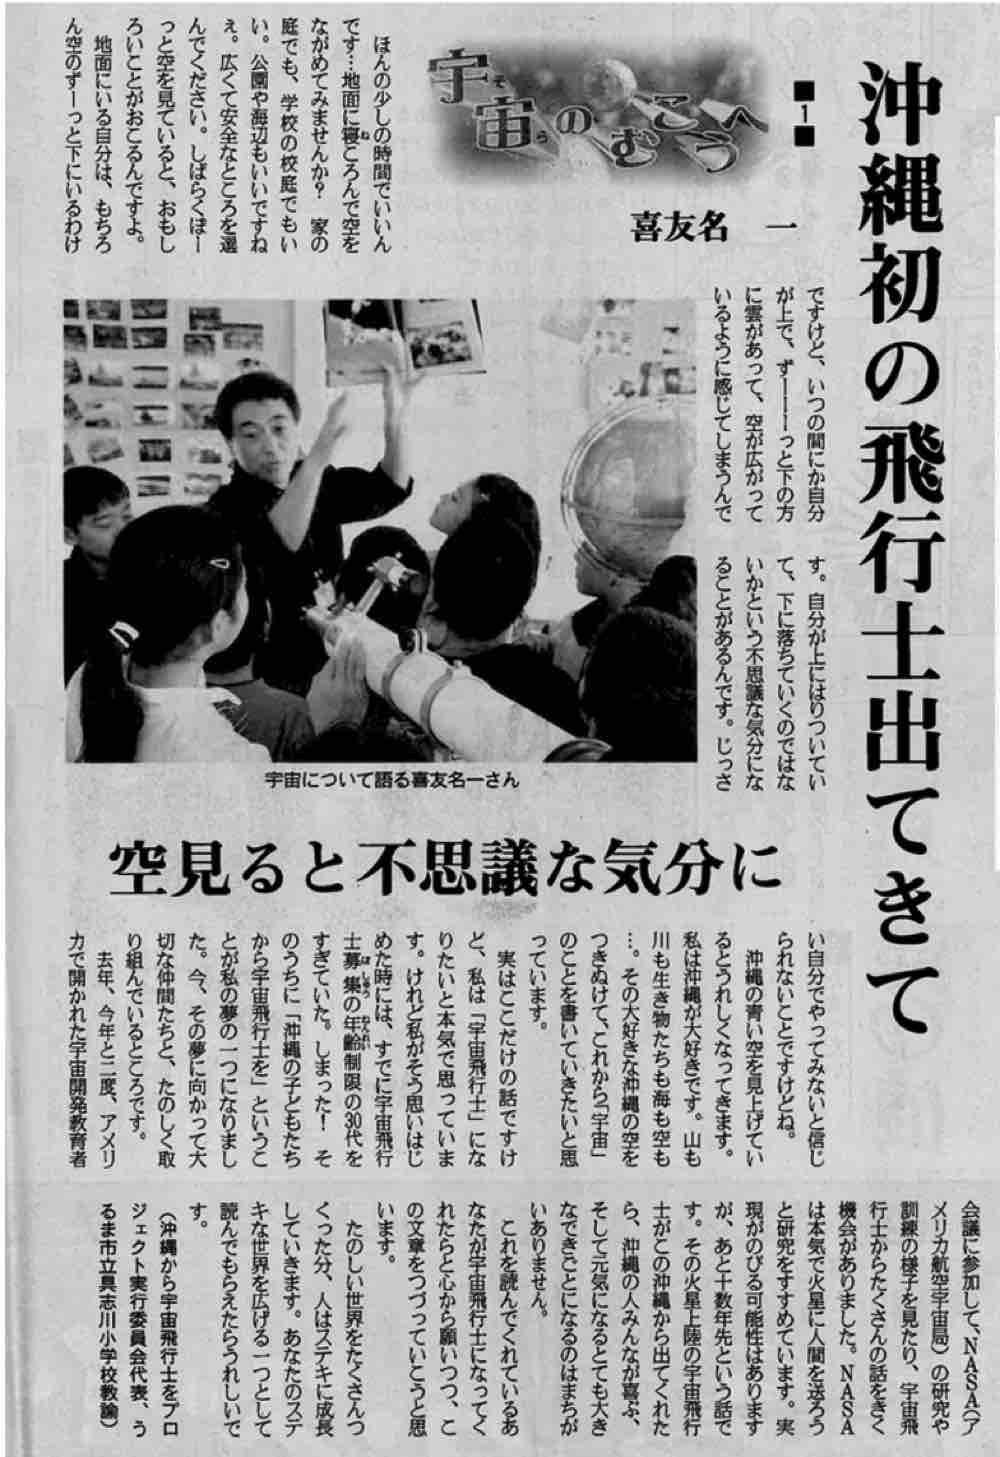 沖縄タイムス連載「宇宙のむこうへ」